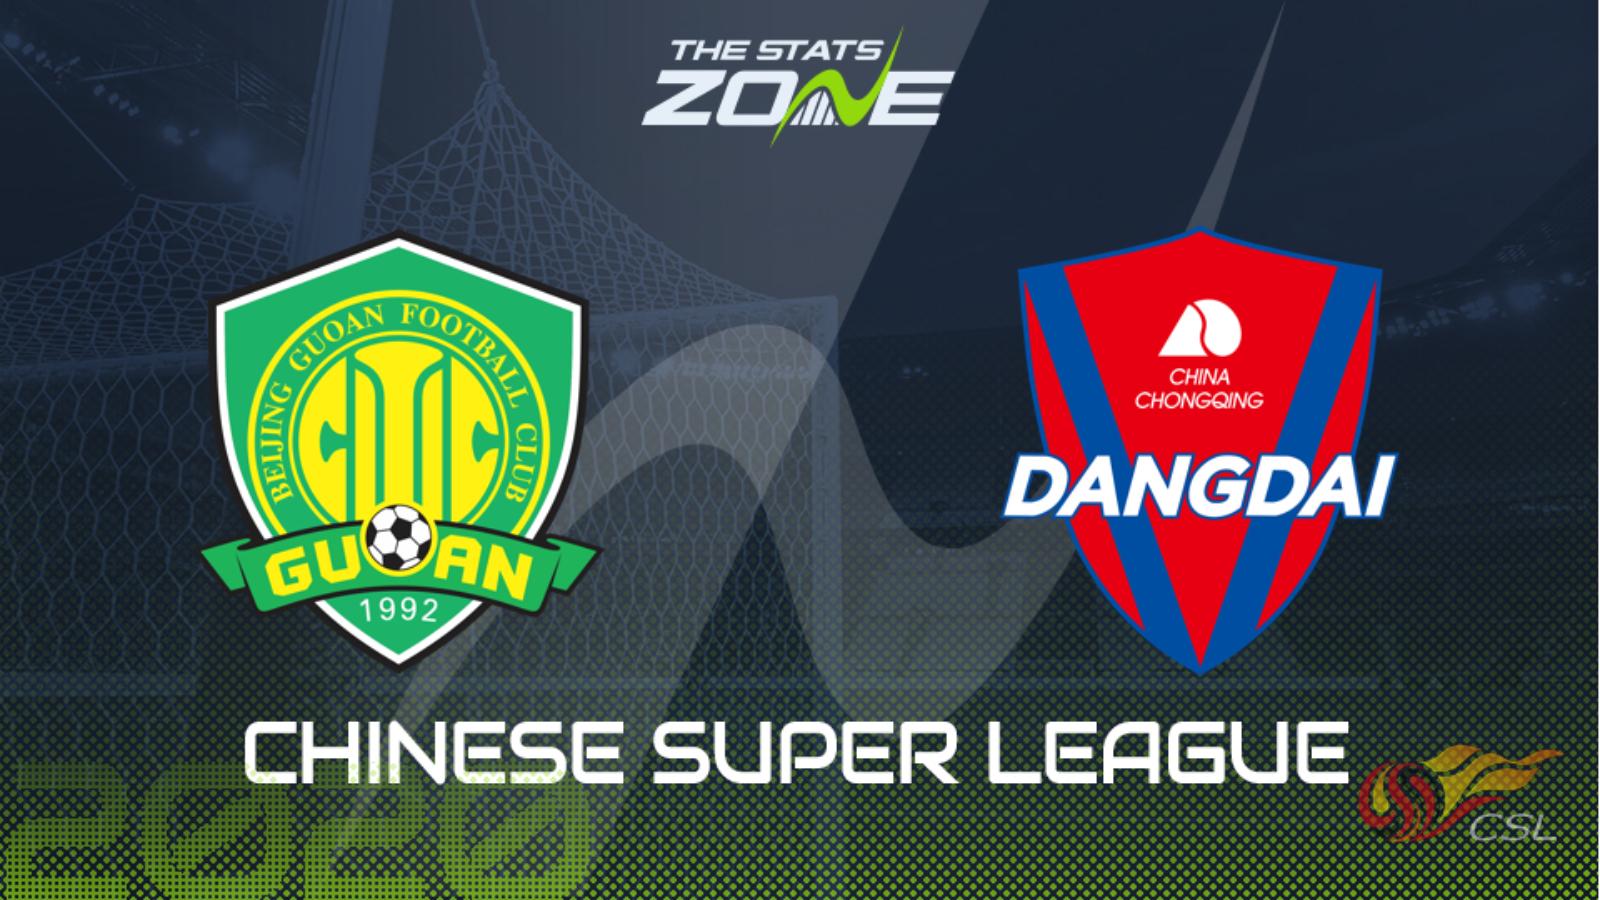 2020 Chinese Super League – Beijing Guoan vs Chongqing Dangdai Lifan Preview & Prediction - The Stats Zone